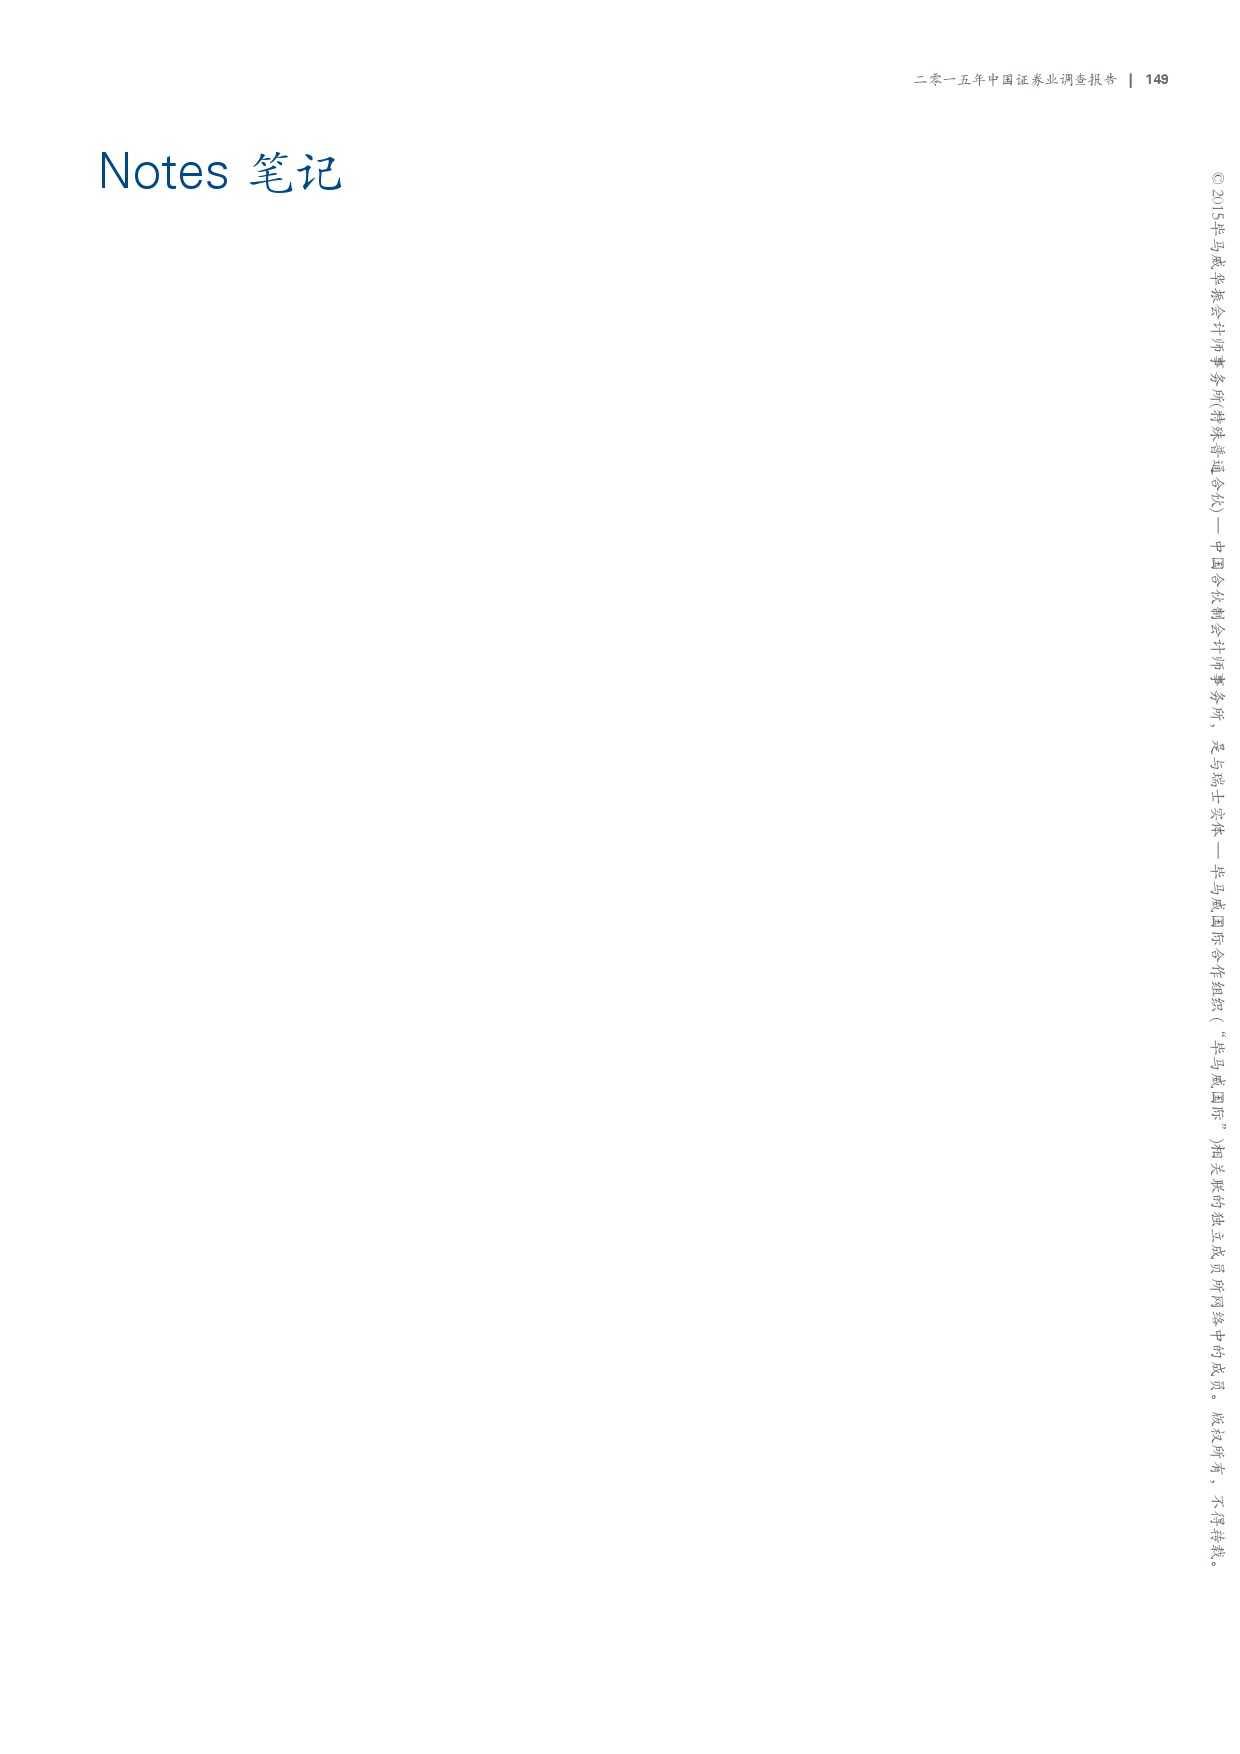 毕马威:2015年中国证券业调查报告_000151